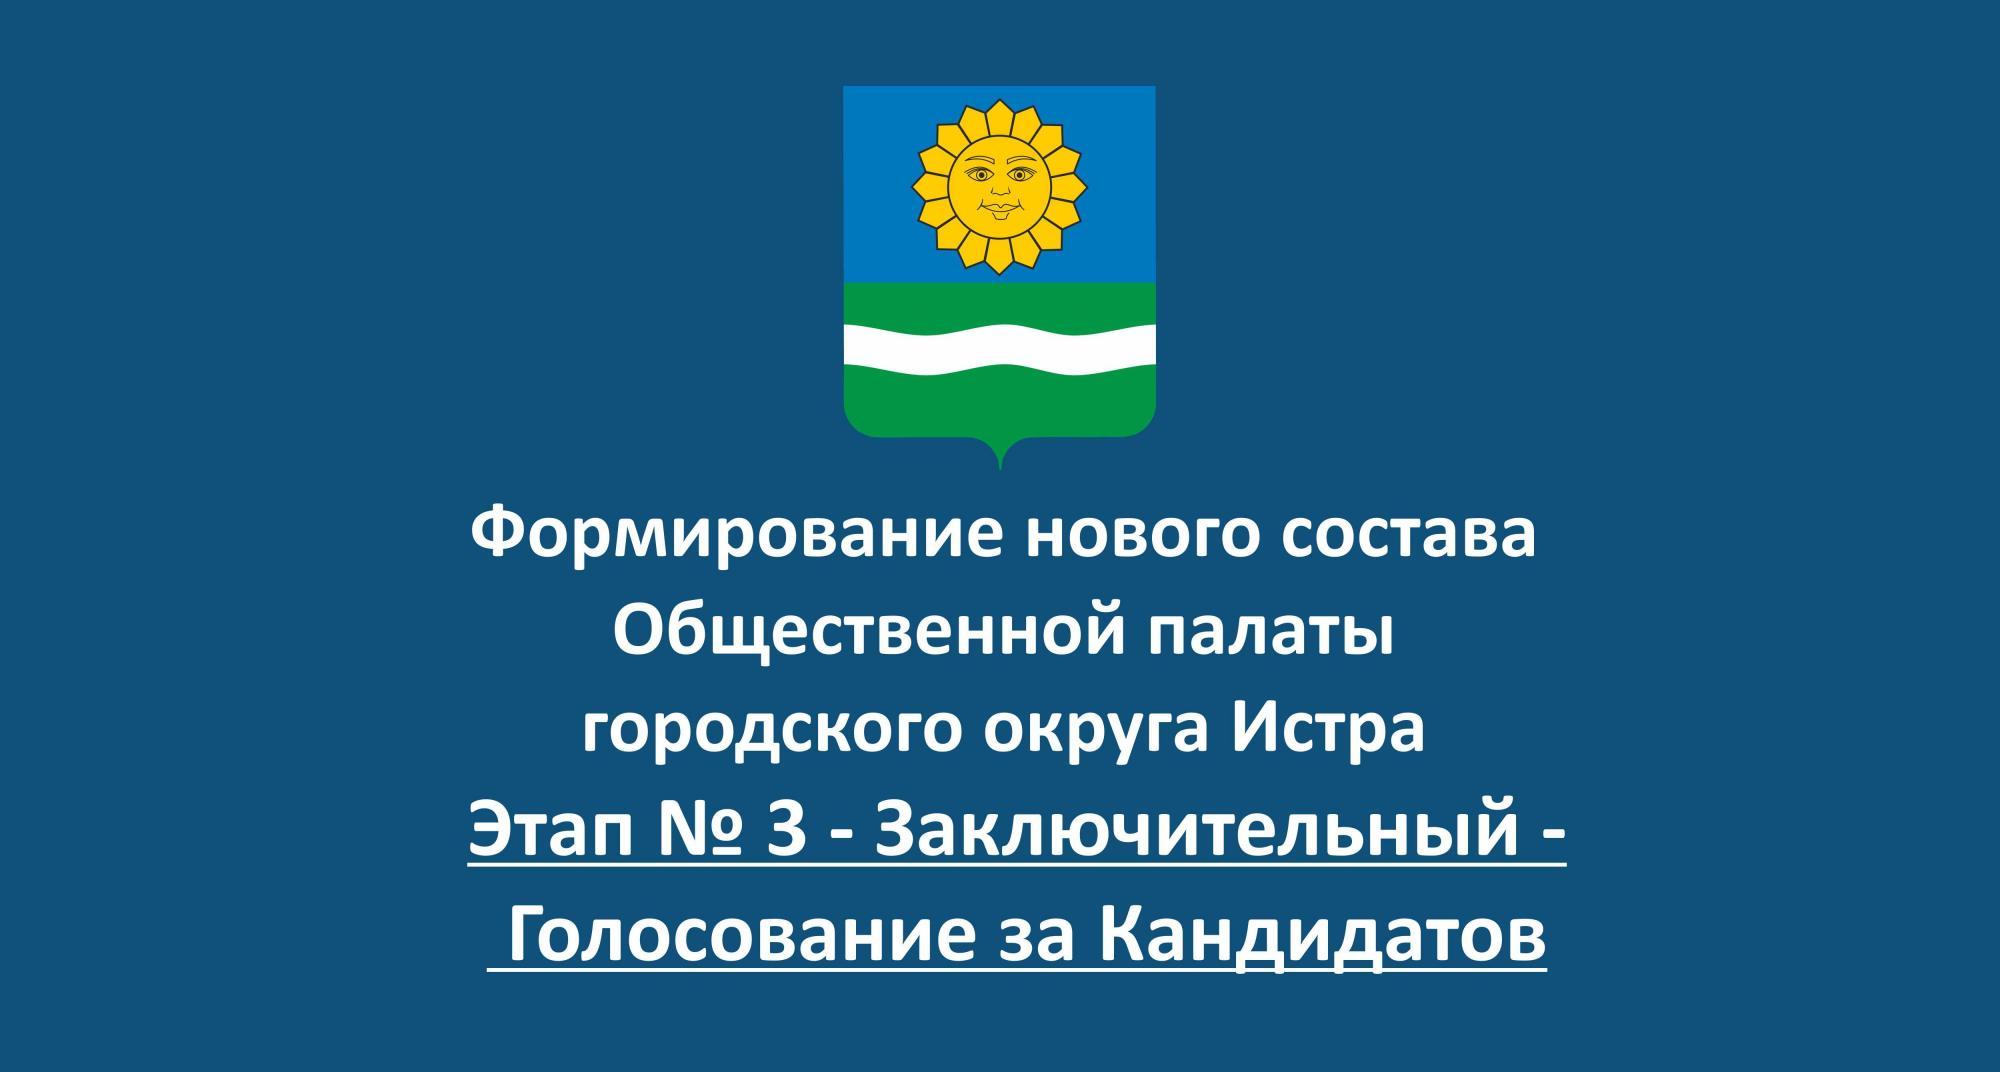 Обращение кандидата в общественную палату городского округа Истра